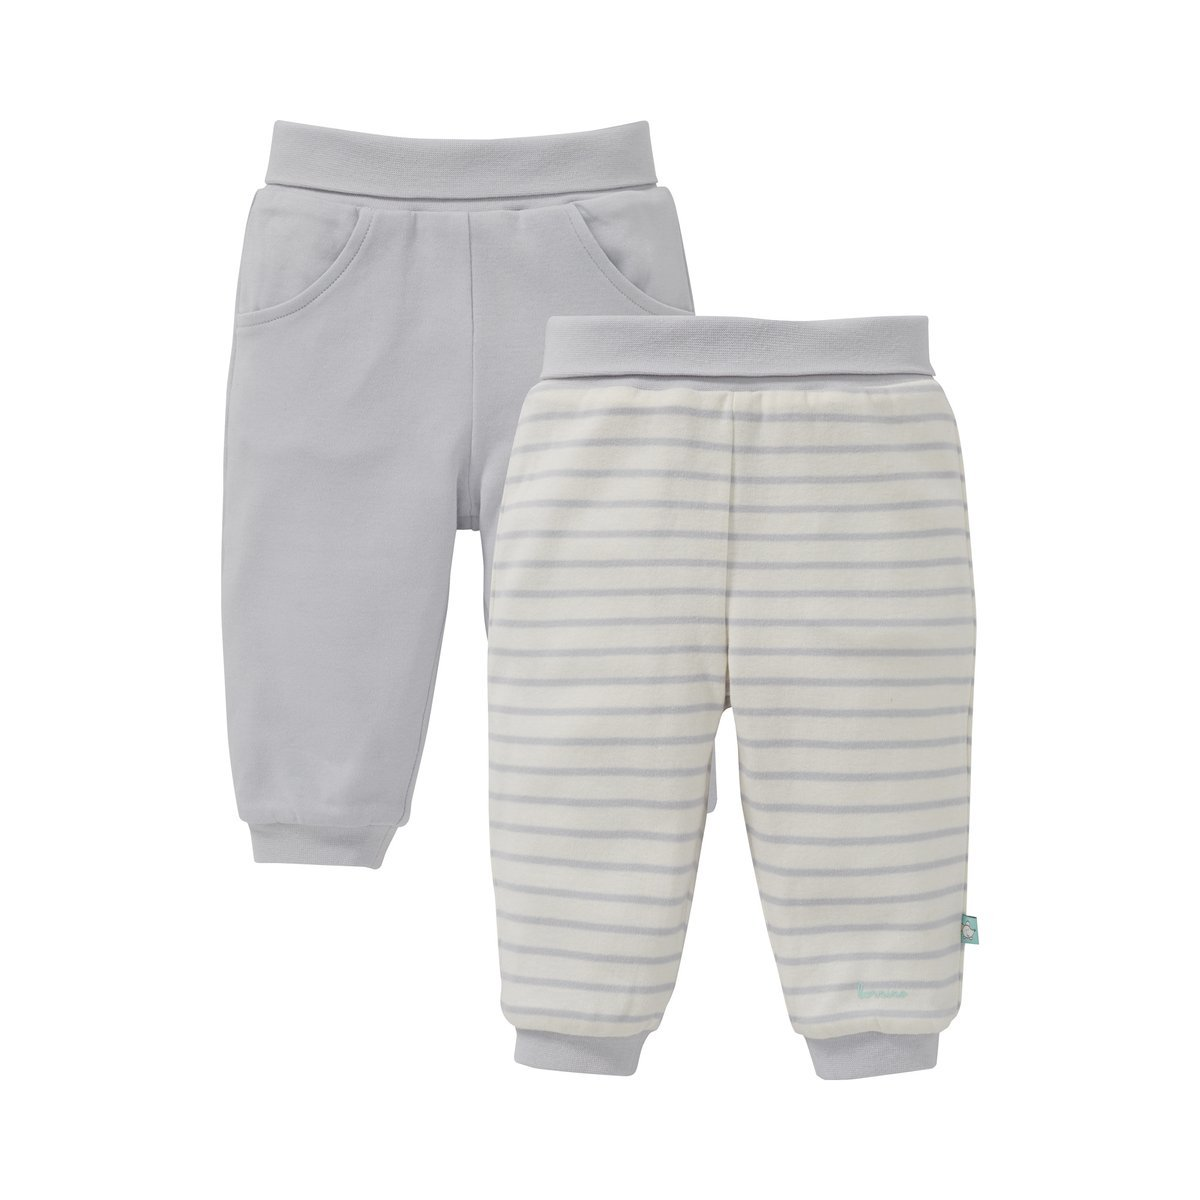 Bornino Mouse & Elephant Wendehose/Sweathose / Jogginghose - Farbe: weiß/Natur/Grau Gestreift und Grau, Wendbar, Sweat, Öko-Tex Zertifiziert - für Mädchen/Jungen